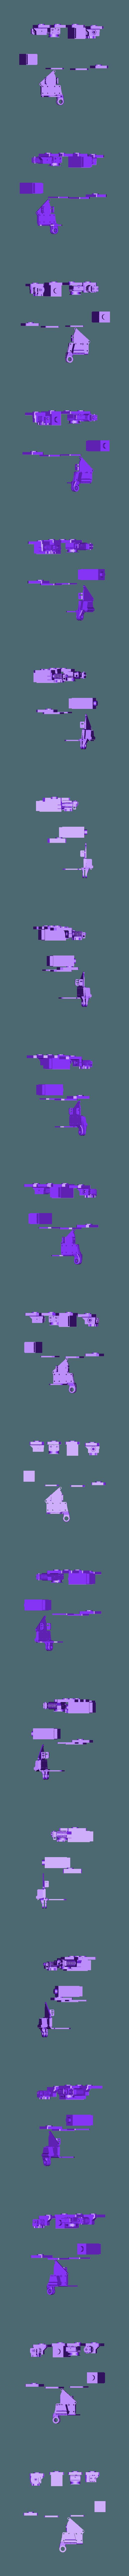 printrbot_multi.stl Télécharger fichier STL gratuit Printrbot Multi • Objet à imprimer en 3D, rushmere3d